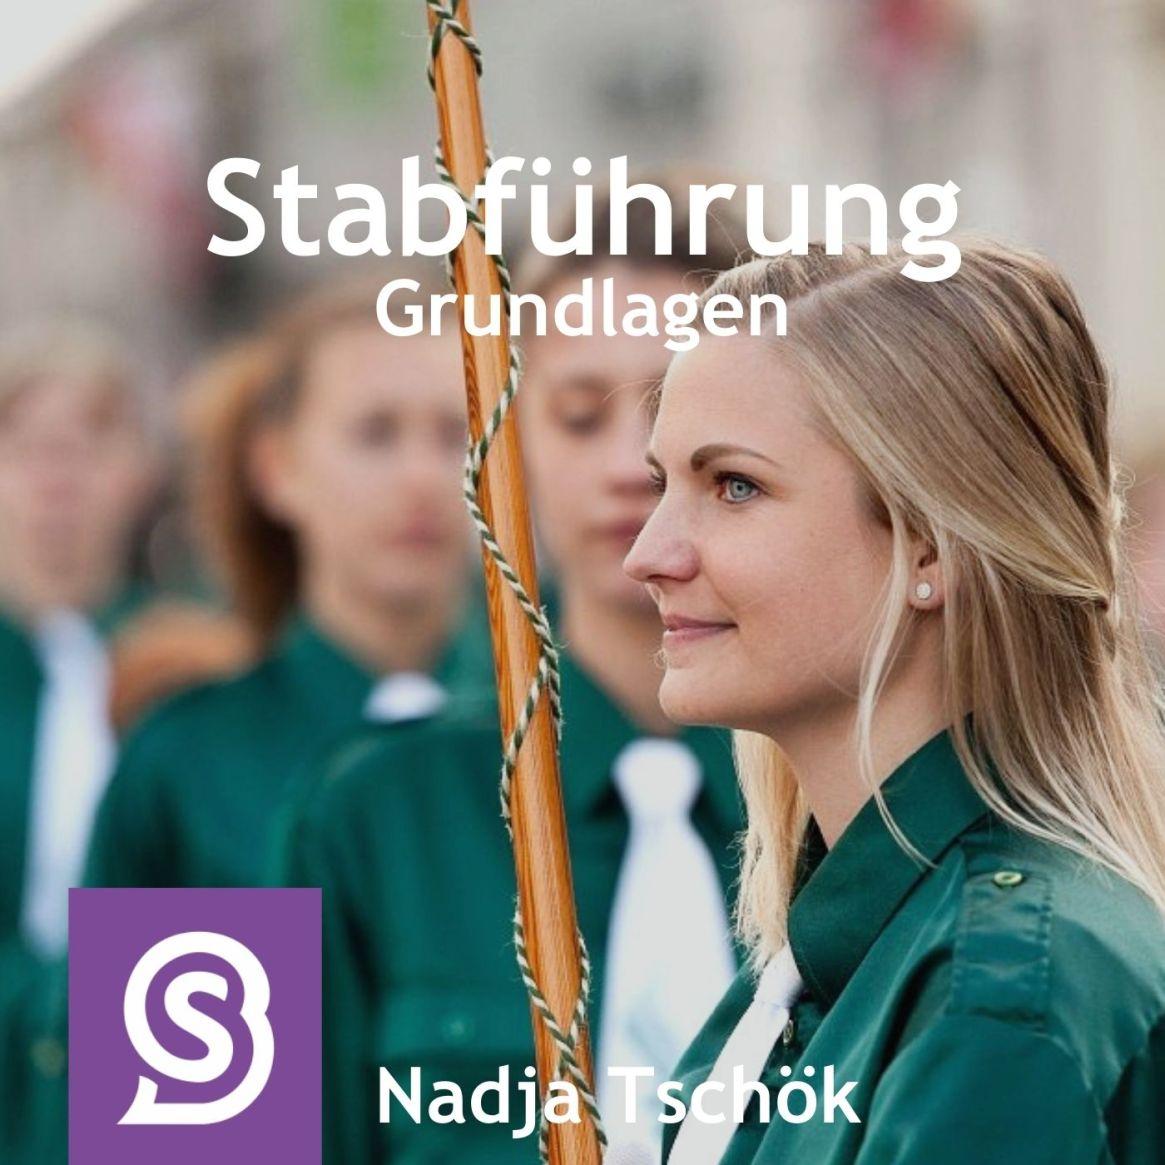 Stabführung Grundlagen mit Nadja - Erfahrungen & Outtakes